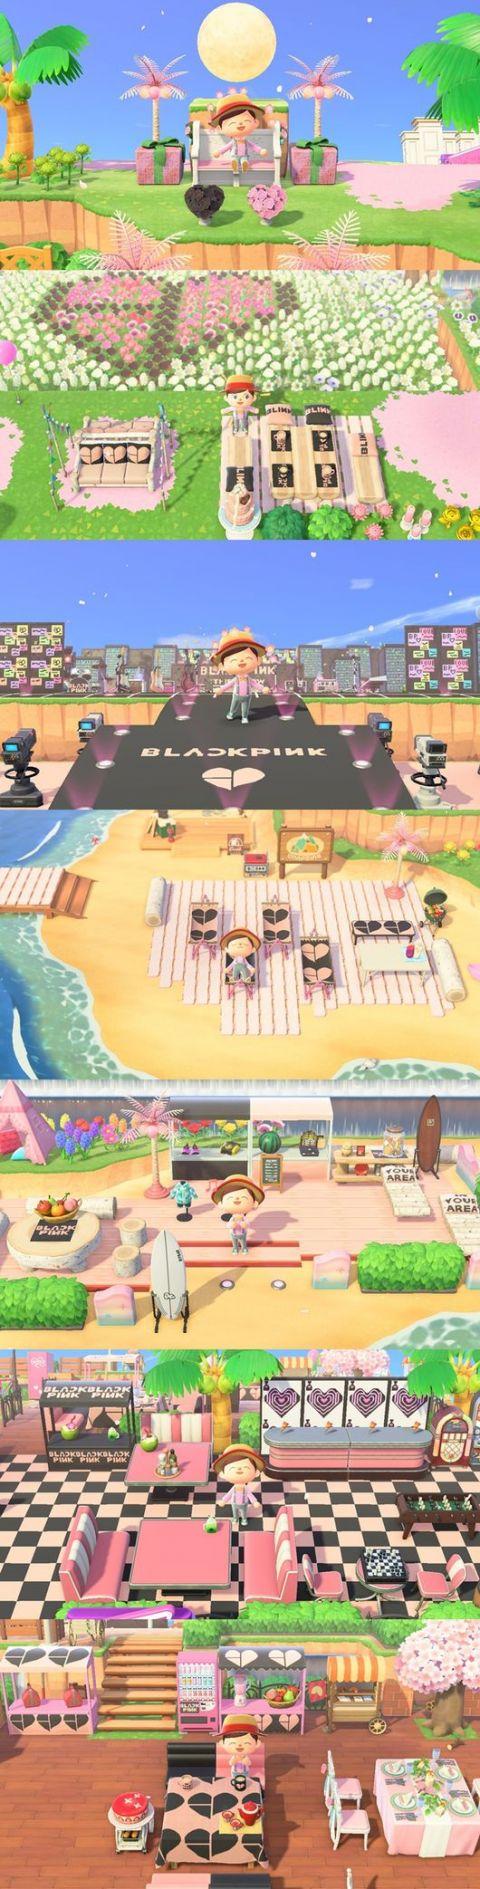 为了纪念出道5周年!BLACKPINK 在《动物森友会》开设自己的岛屿「In Your Area」